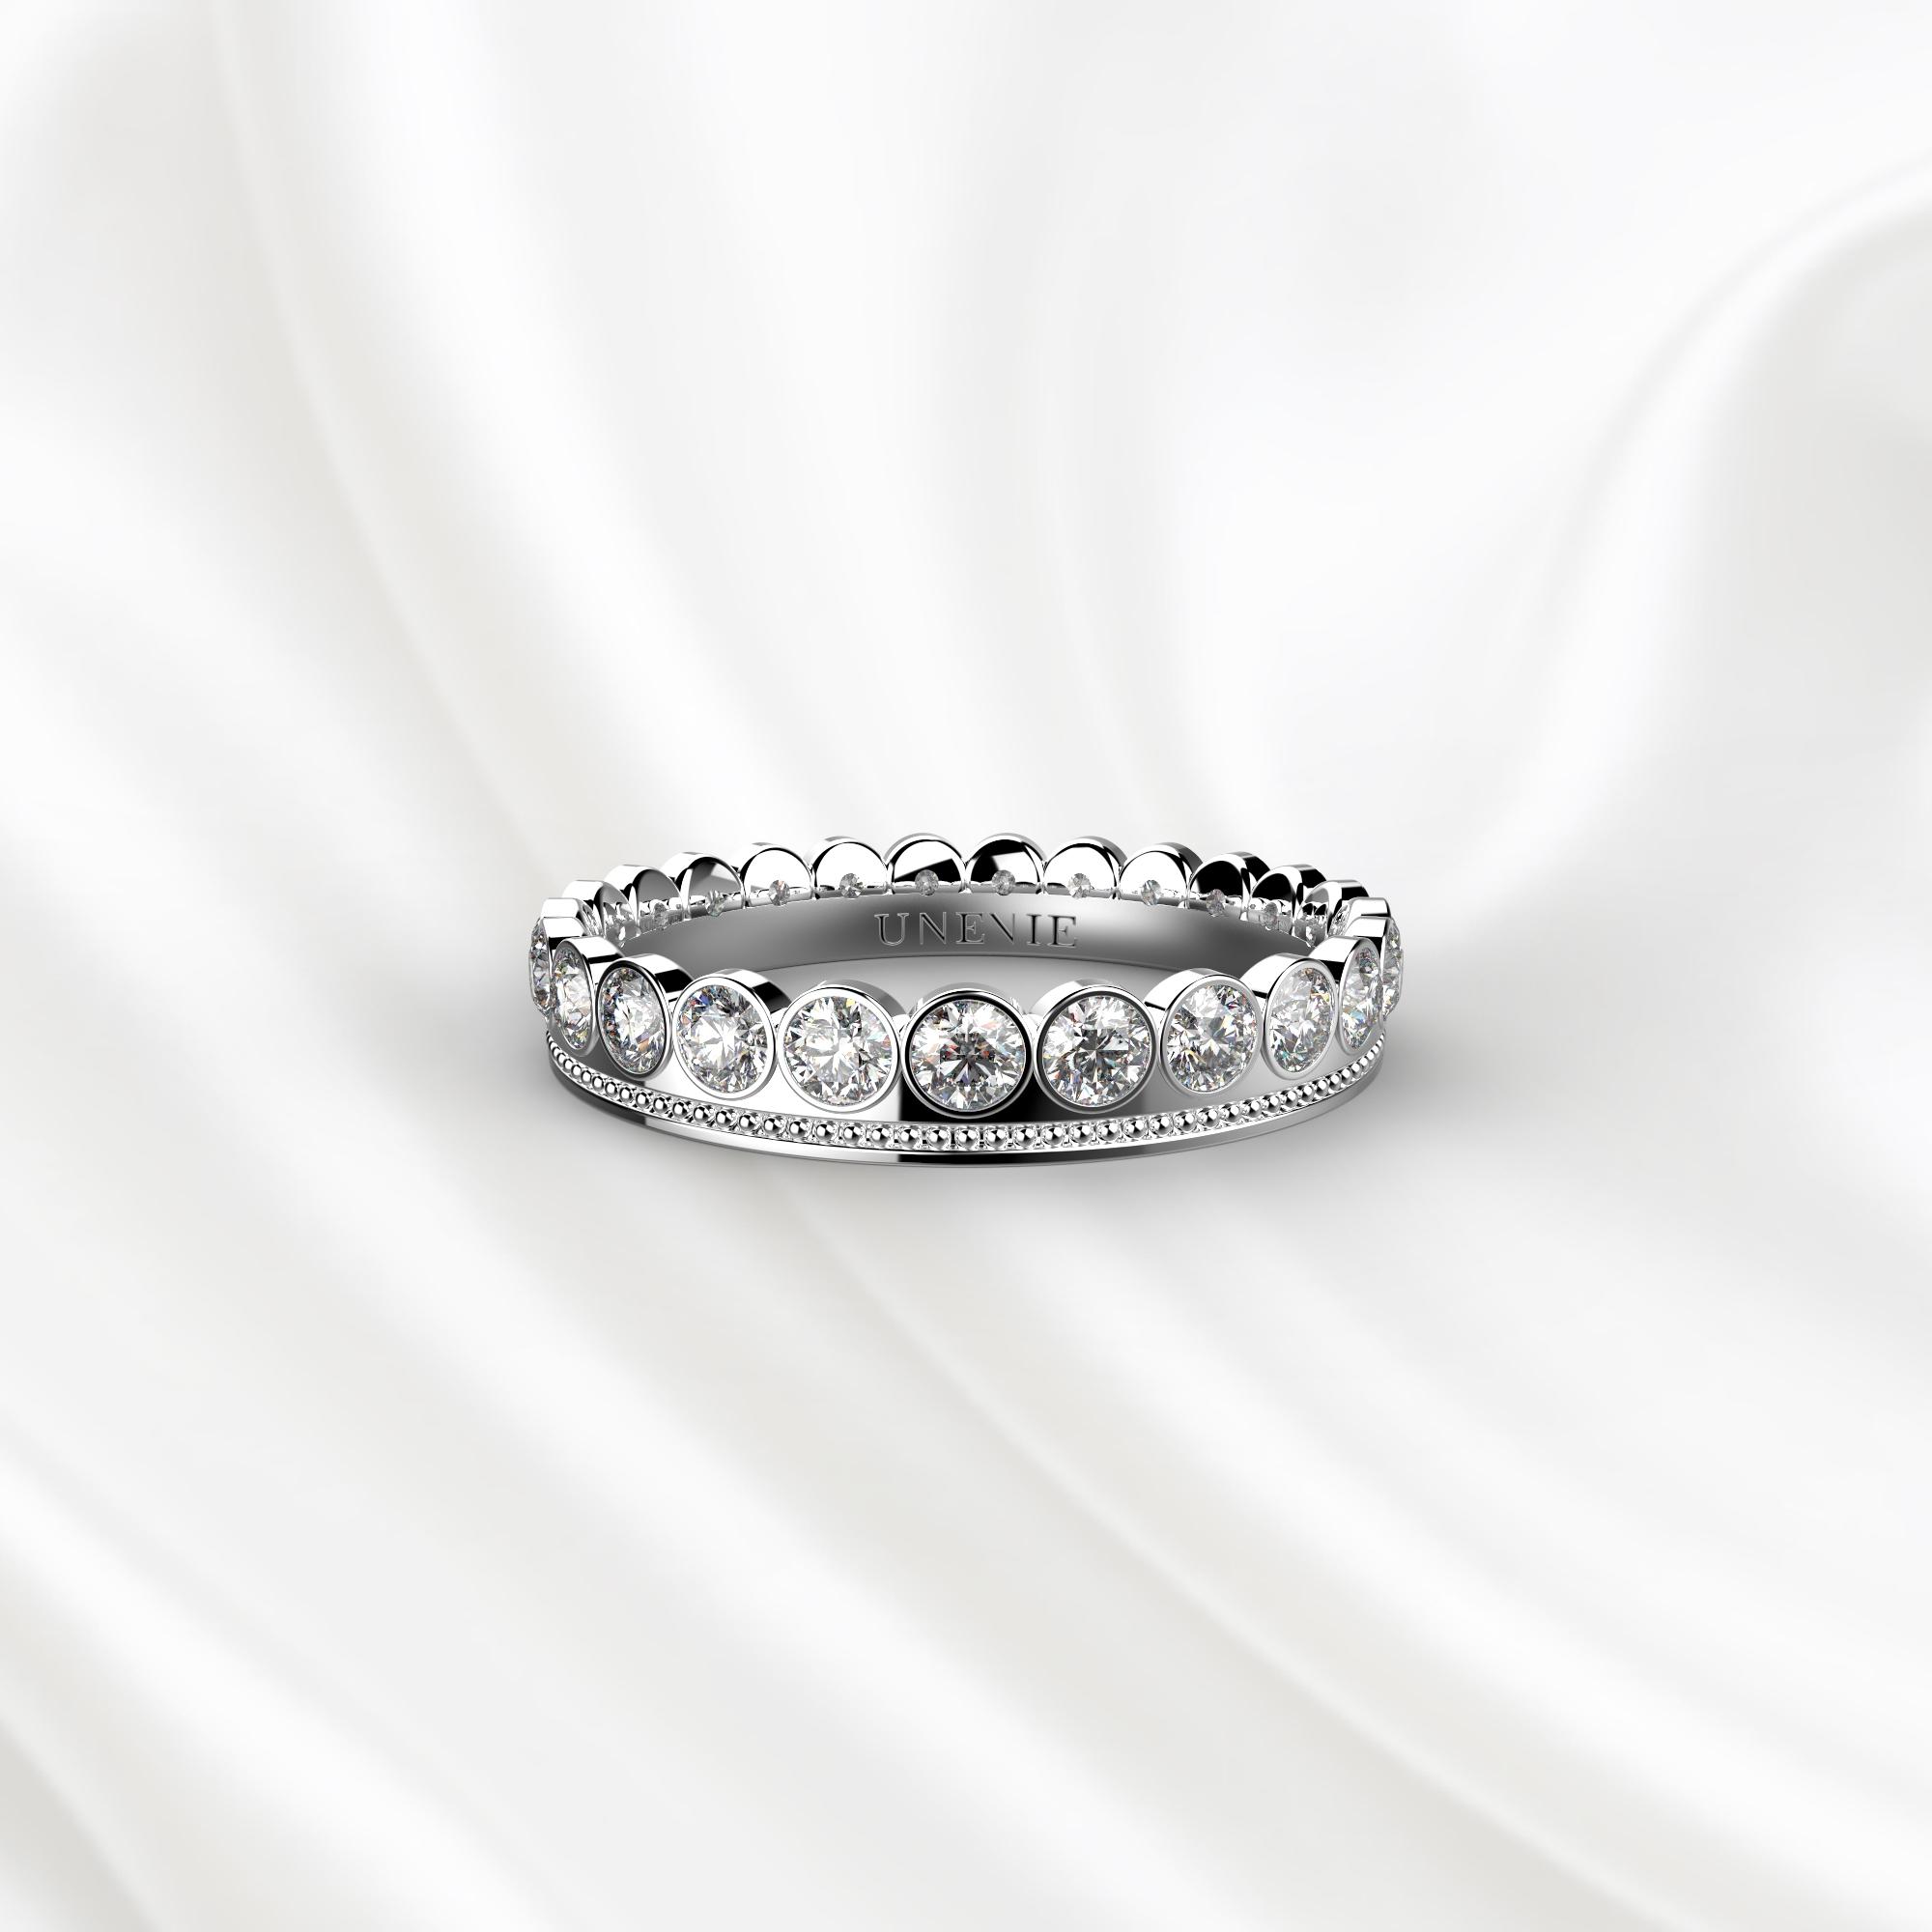 E15 Обручальное кольцо из белого золота с 23 бриллиантами